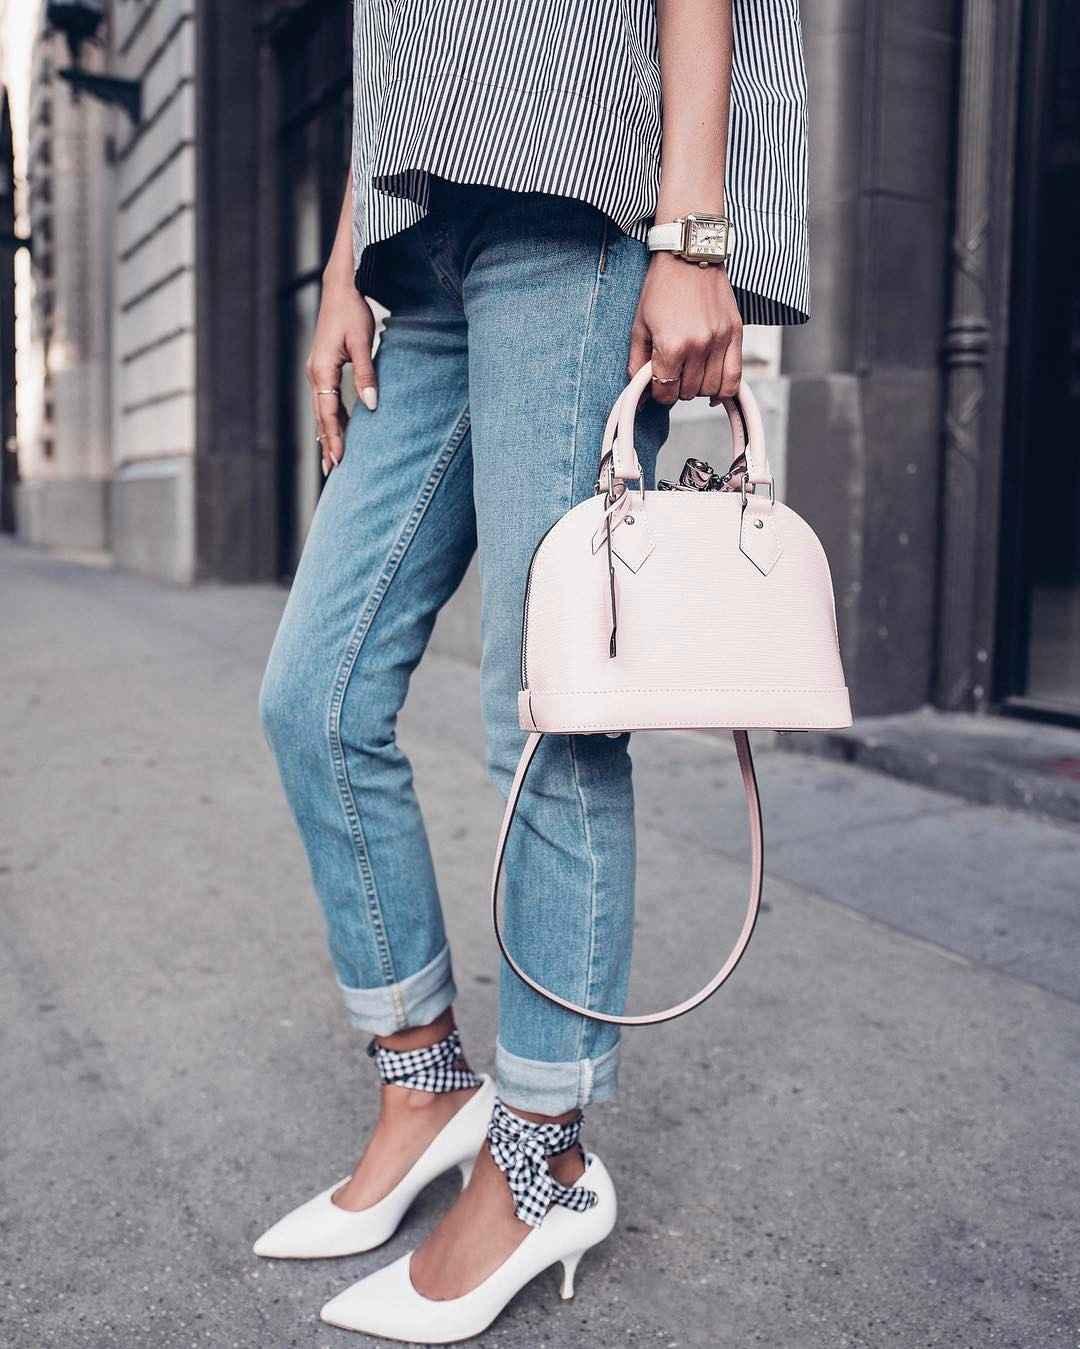 модные туфли 2019 фото_7